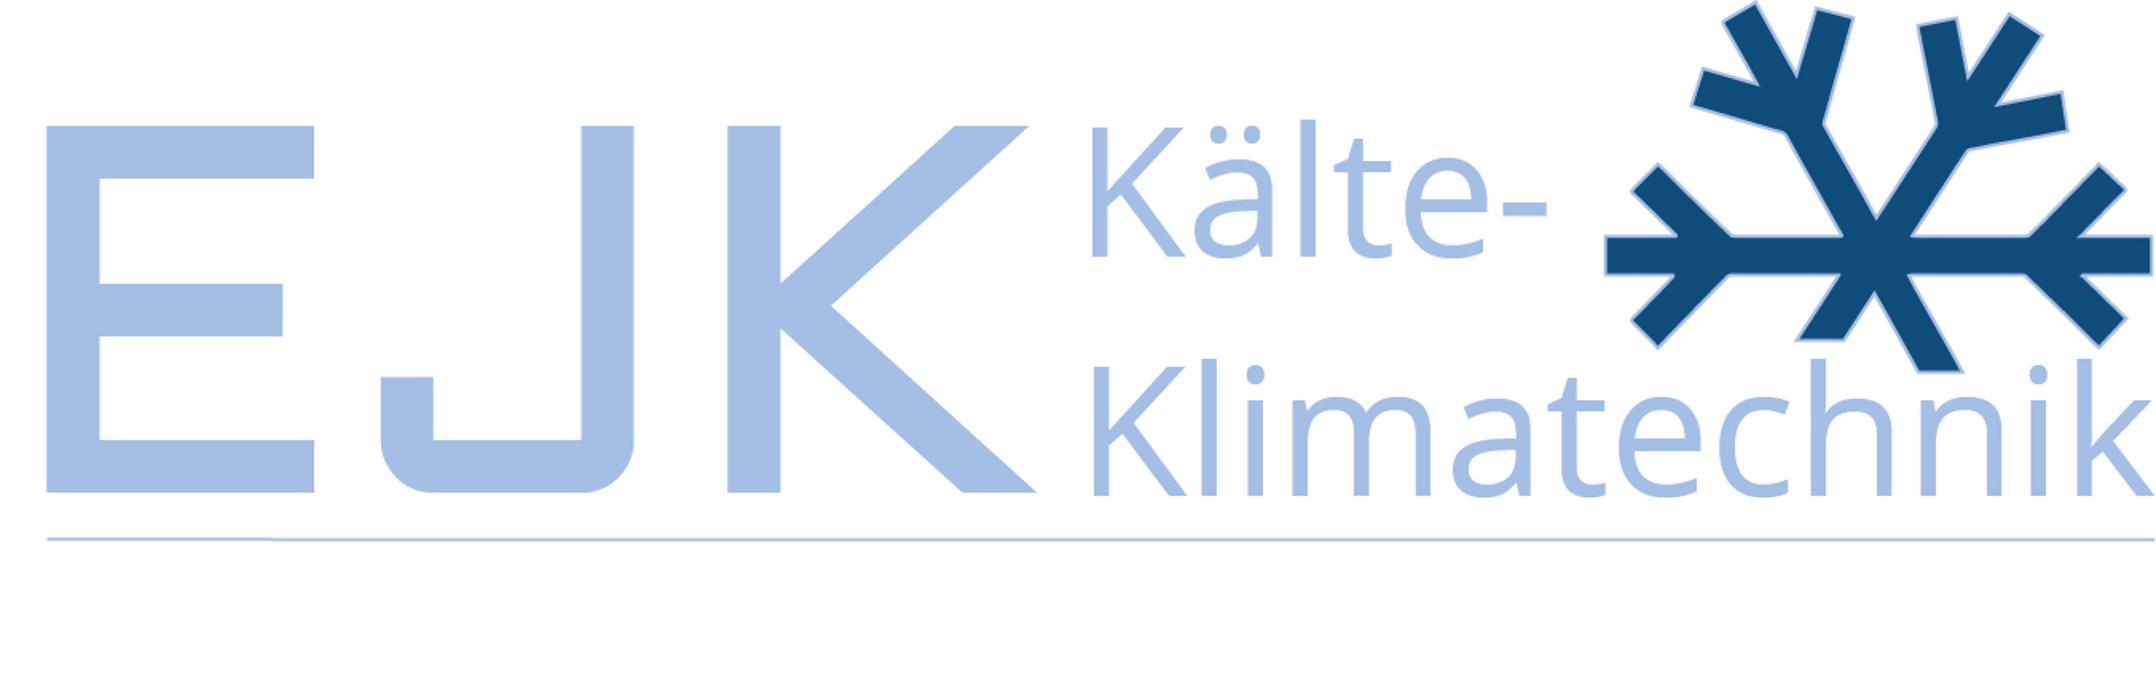 EJK Kälte - Klimatechnik